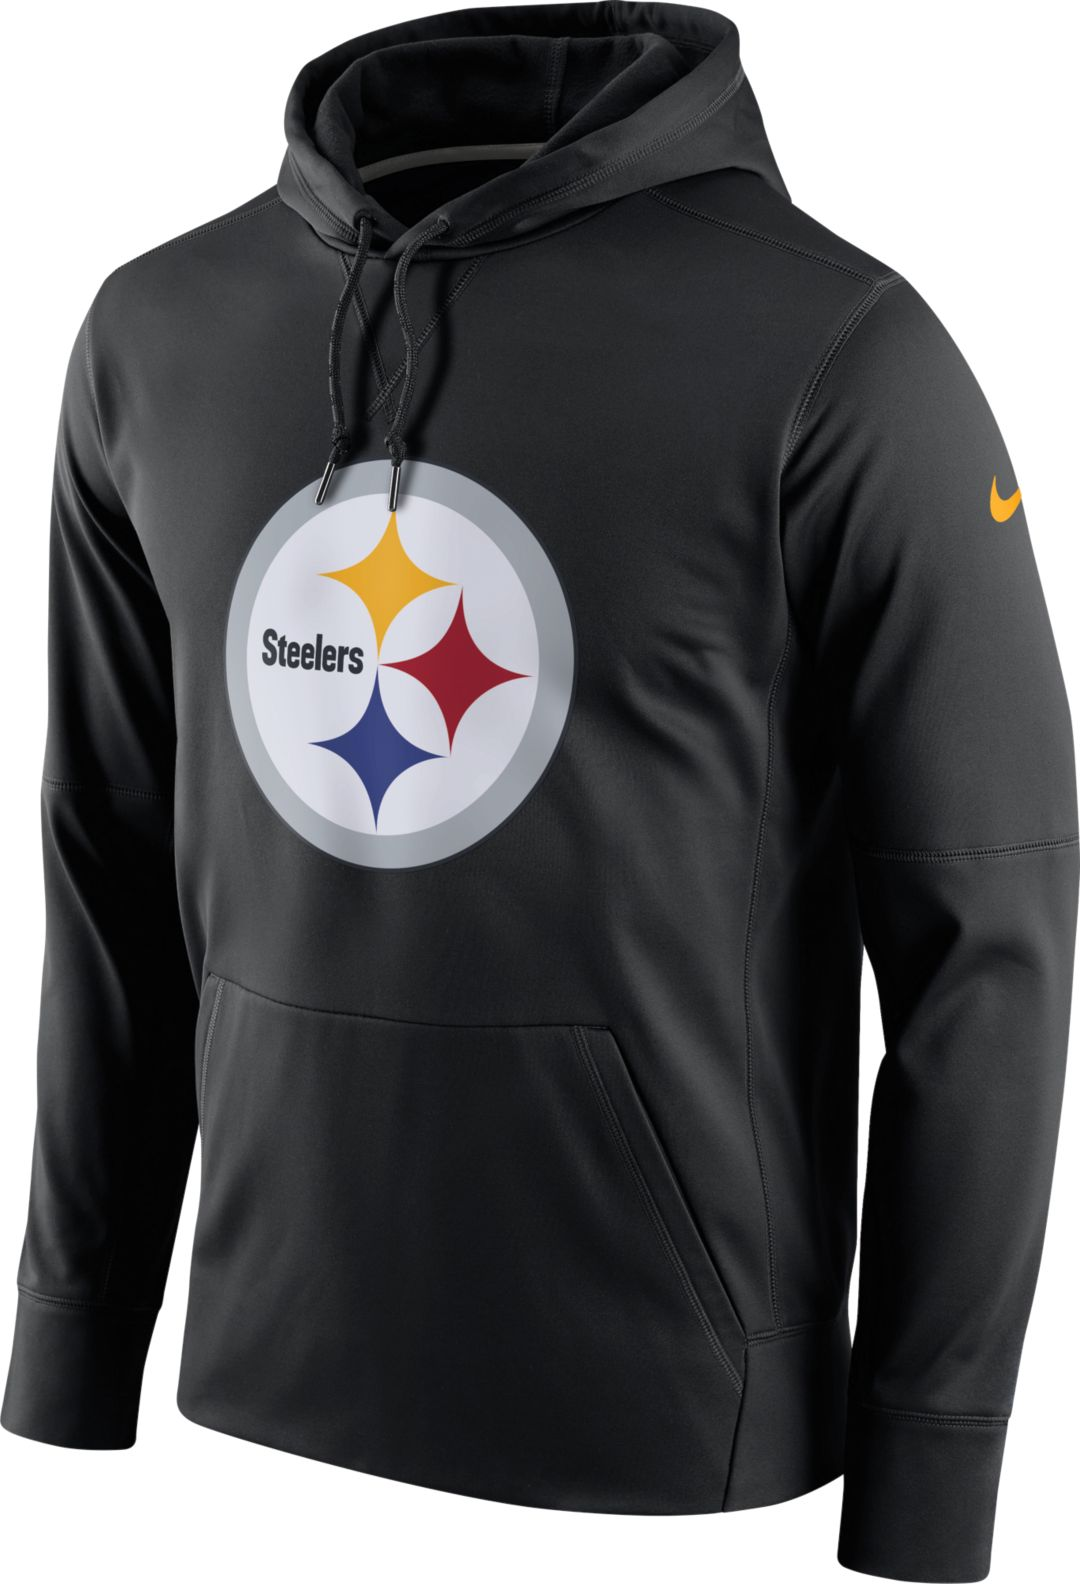 1659a8bf Nike Men's Pittsburgh Steelers Performance Circuit Logo Essential Black  Hoodie